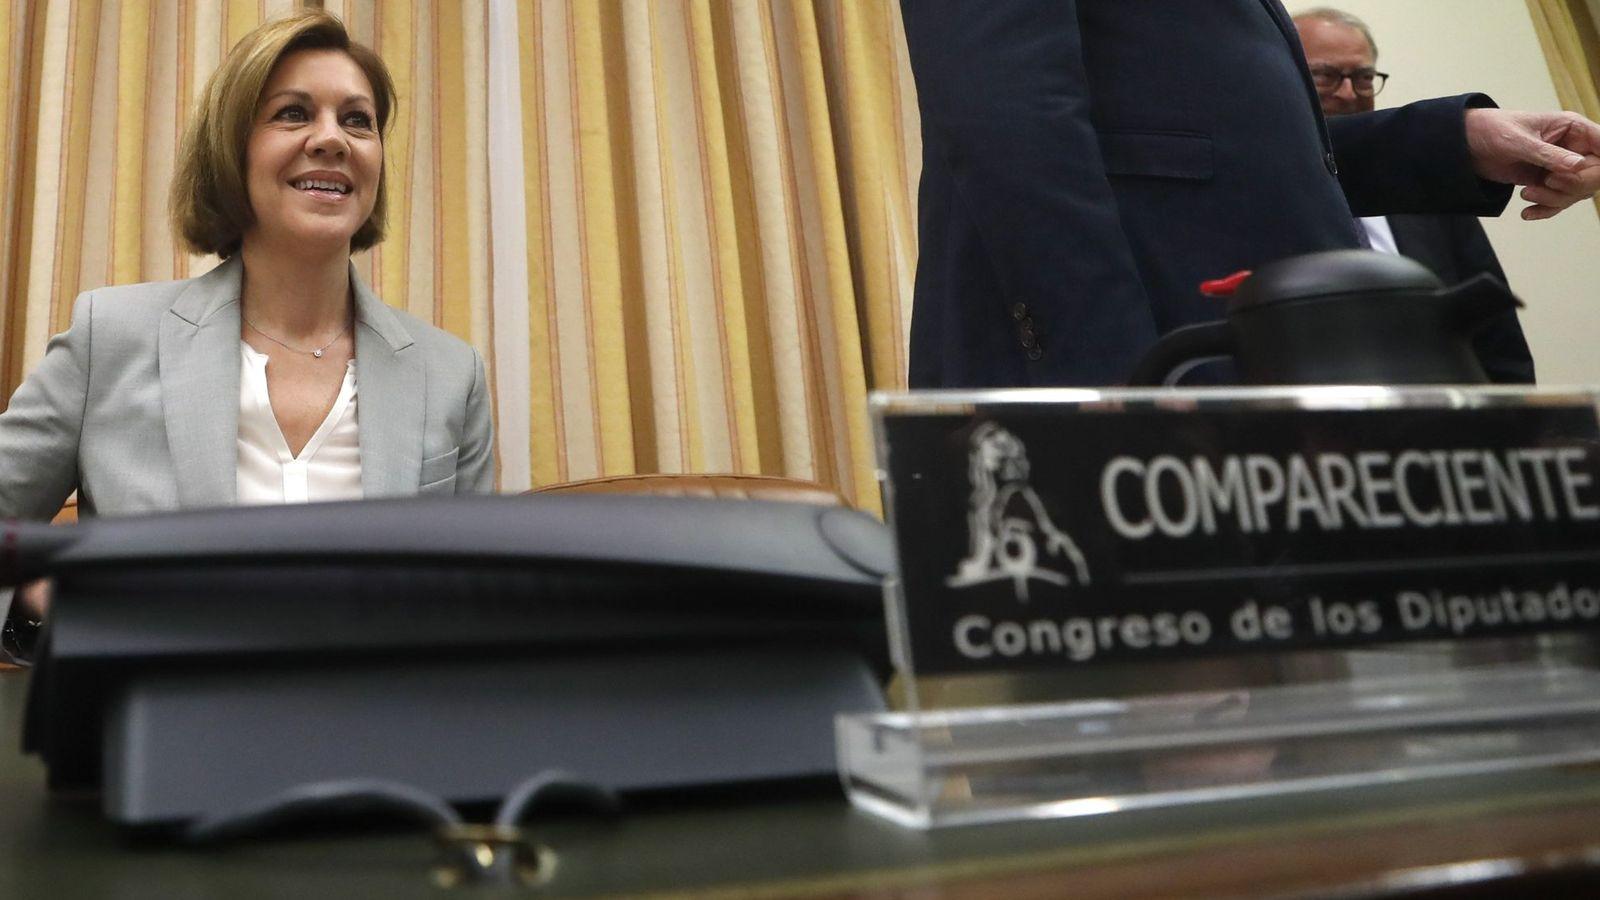 Foto: La secretaria general del PP, María Dolores de Cospedal, antes de comparecer ante la comisión del Congreso que investiga la supuesta financiación ilegal del PP. (EFE)